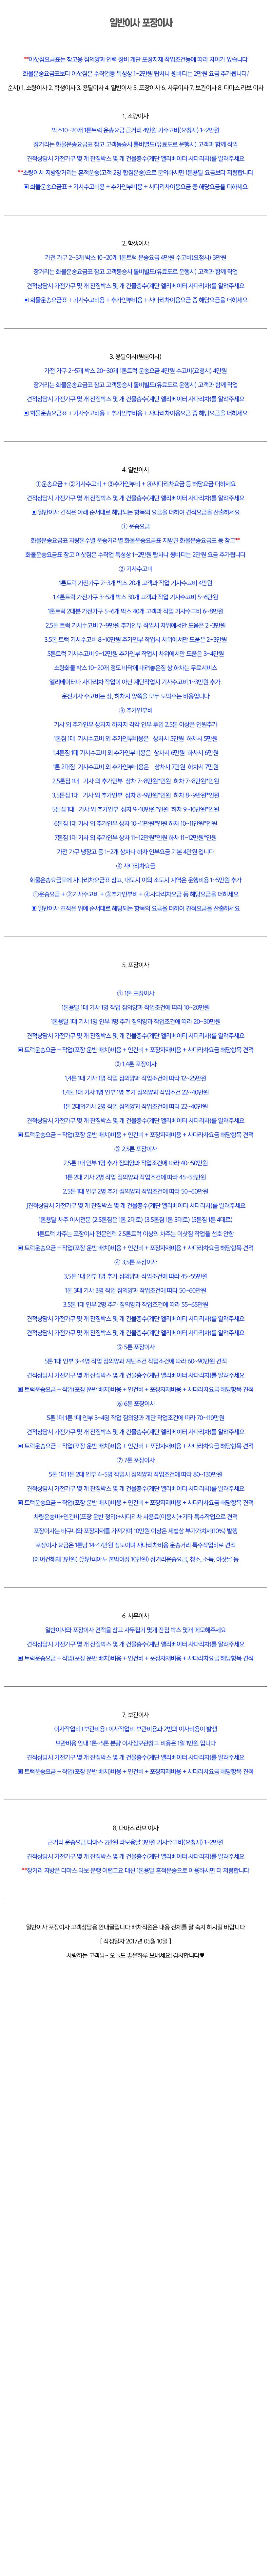 170510일반이사포장이사by나영 copy.png